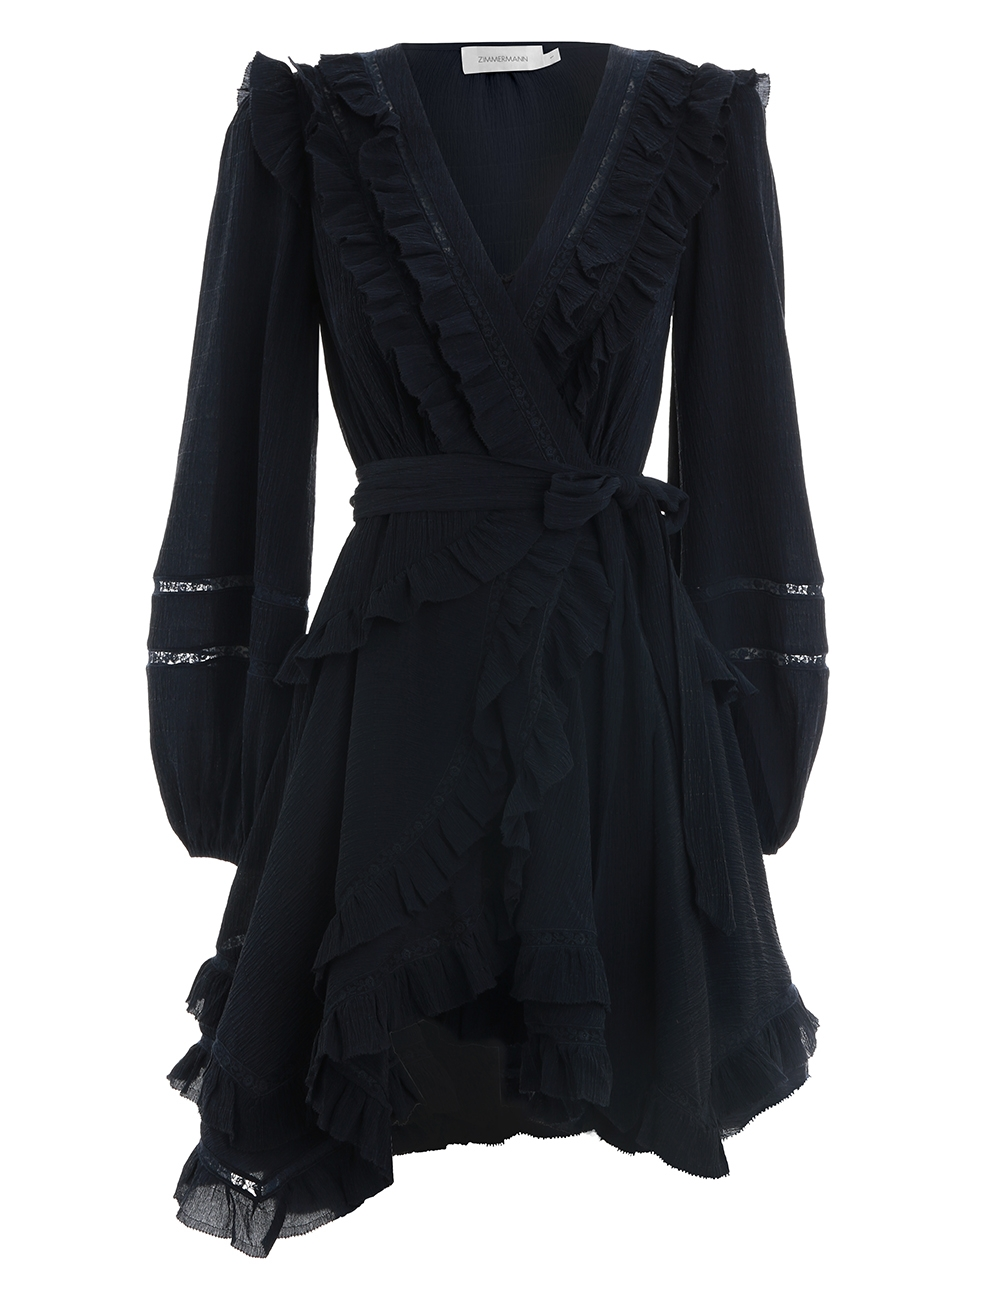 e7642f0fe9c1 Shop Designer Dresses Online | ZIMMERMANN